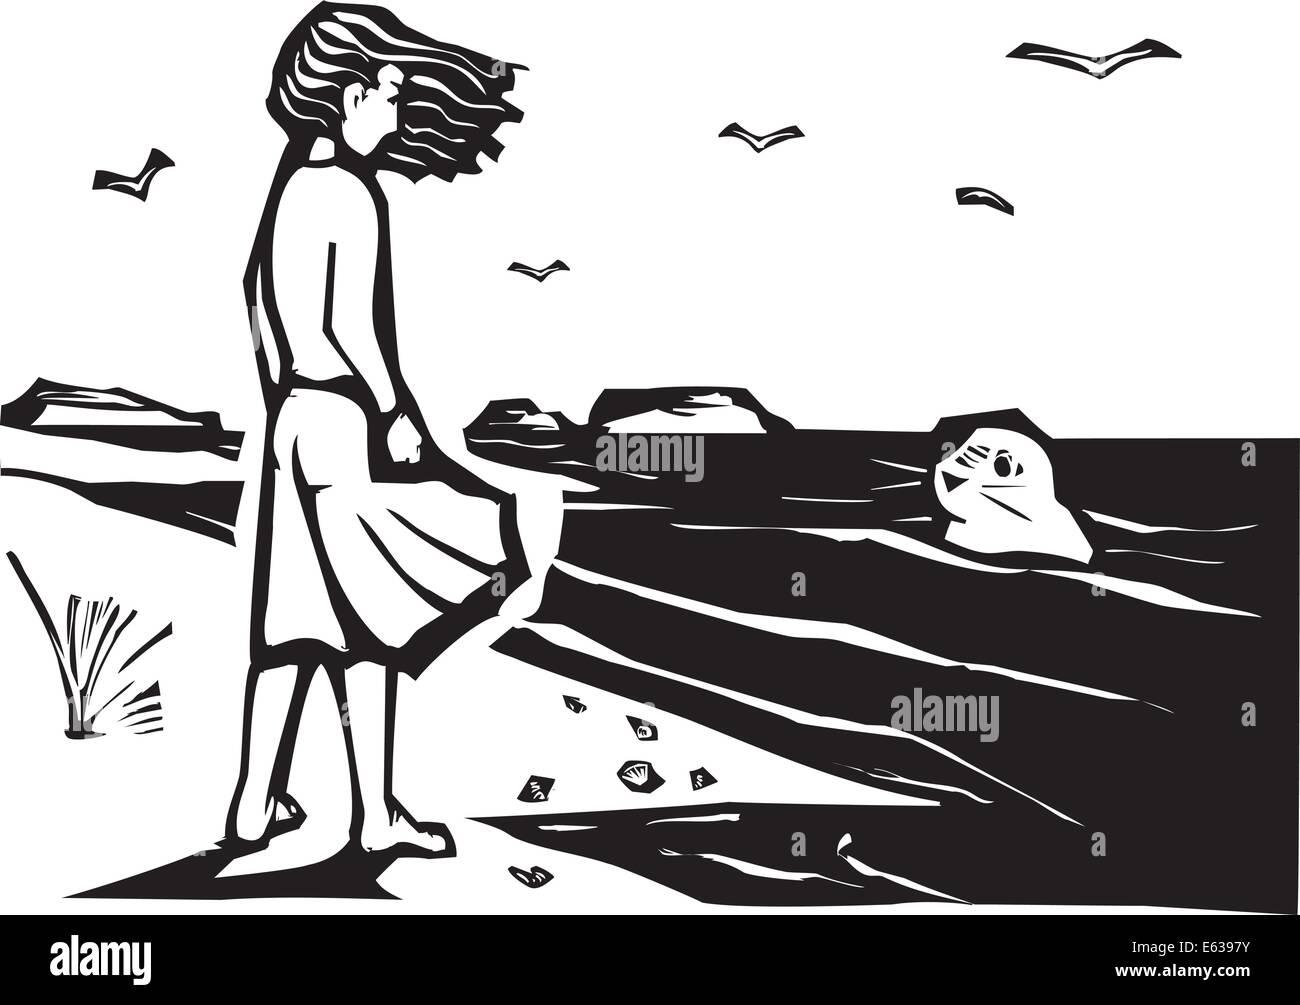 Image style gravure sur bois d'une fille sur une plage en regardant un phoque commun dans les vagues. Illustration de Vecteur